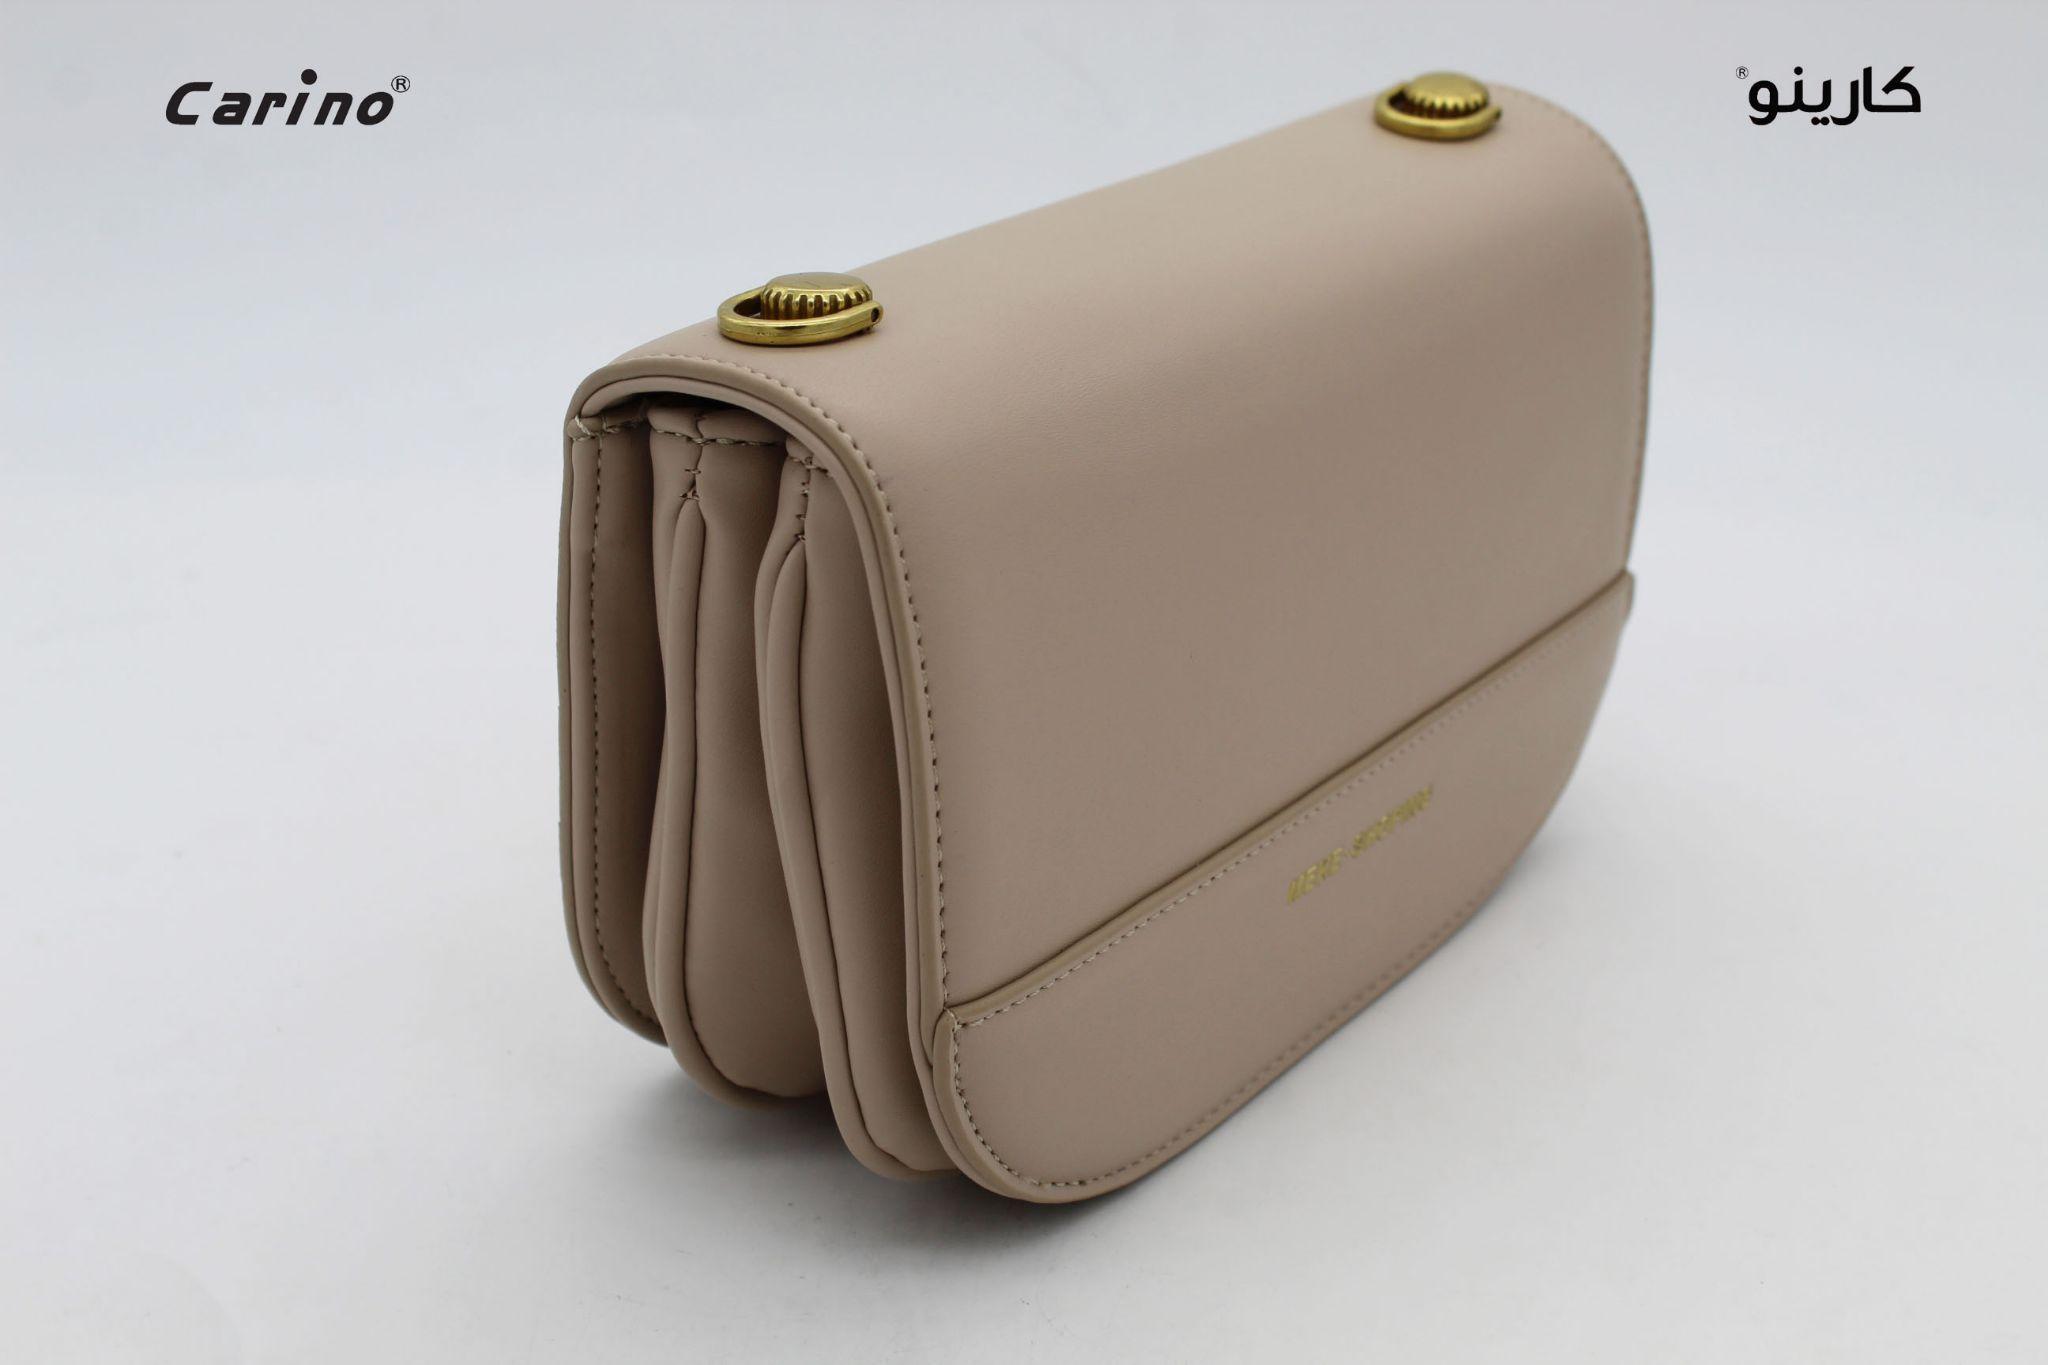 شنطة كارينو وسط كارينو Camera Bag Bags Fashion